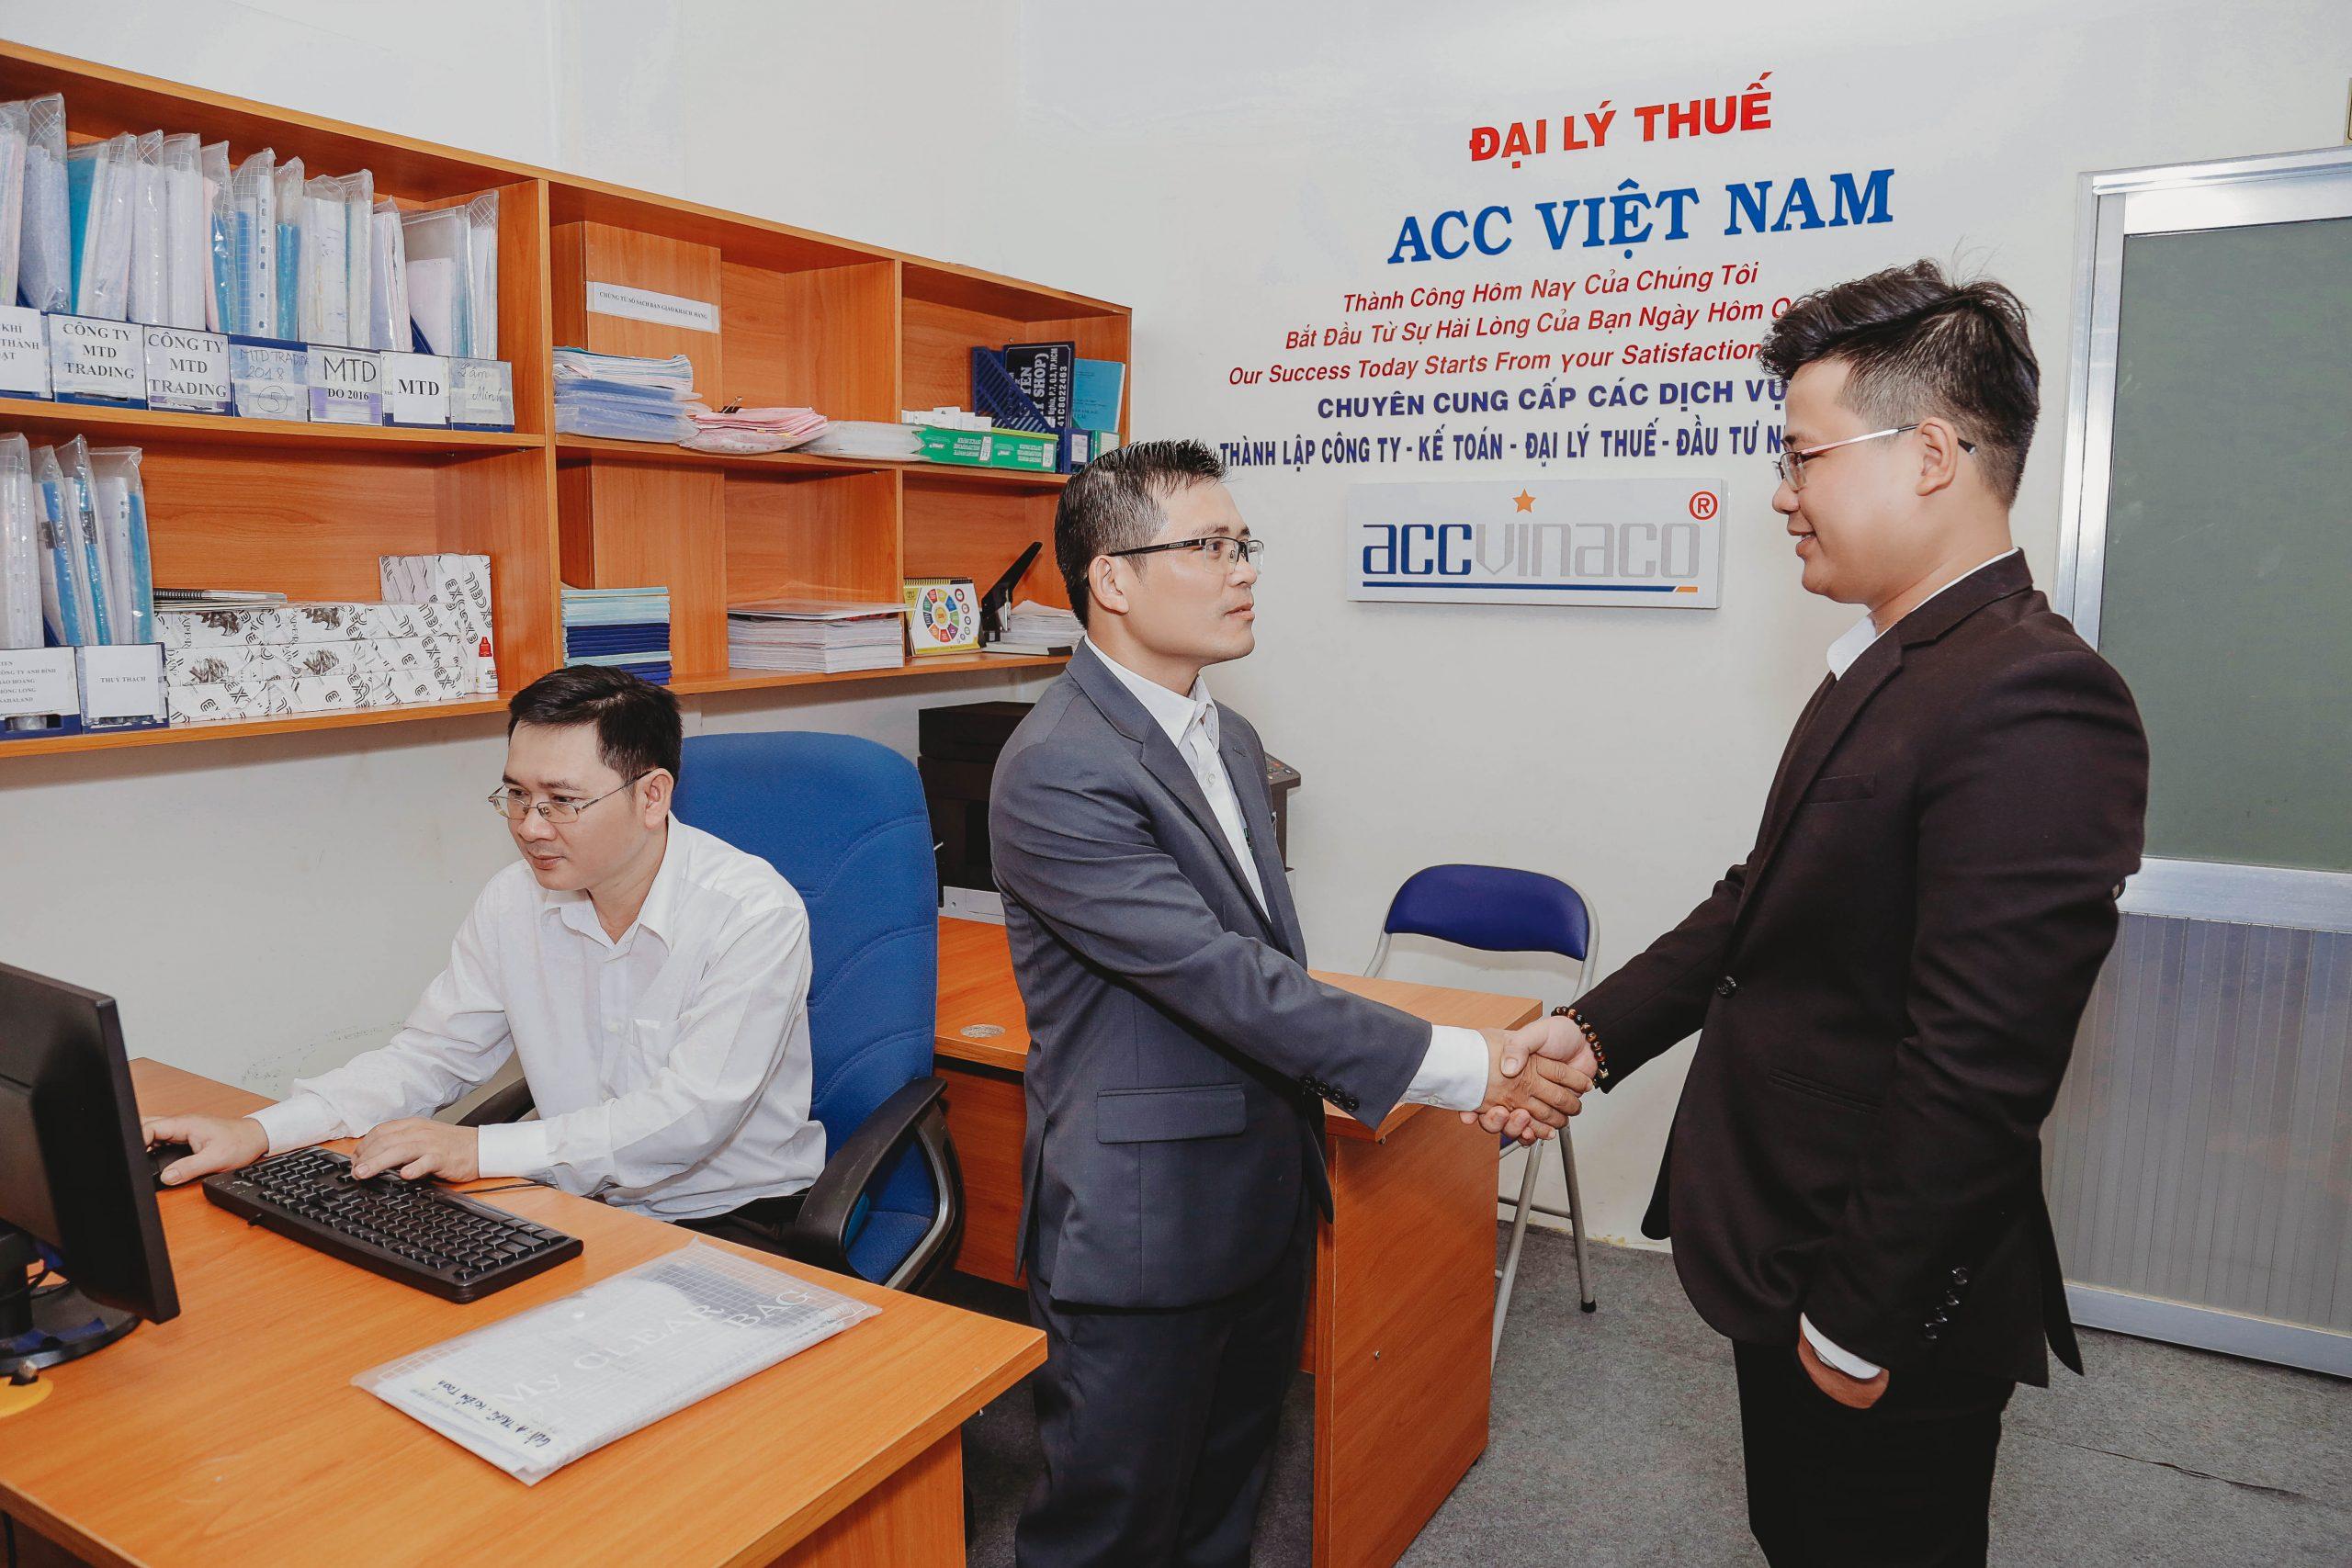 Dịch Vụ Thành Lập Doanh Nghiệp tại quận Tân Phú